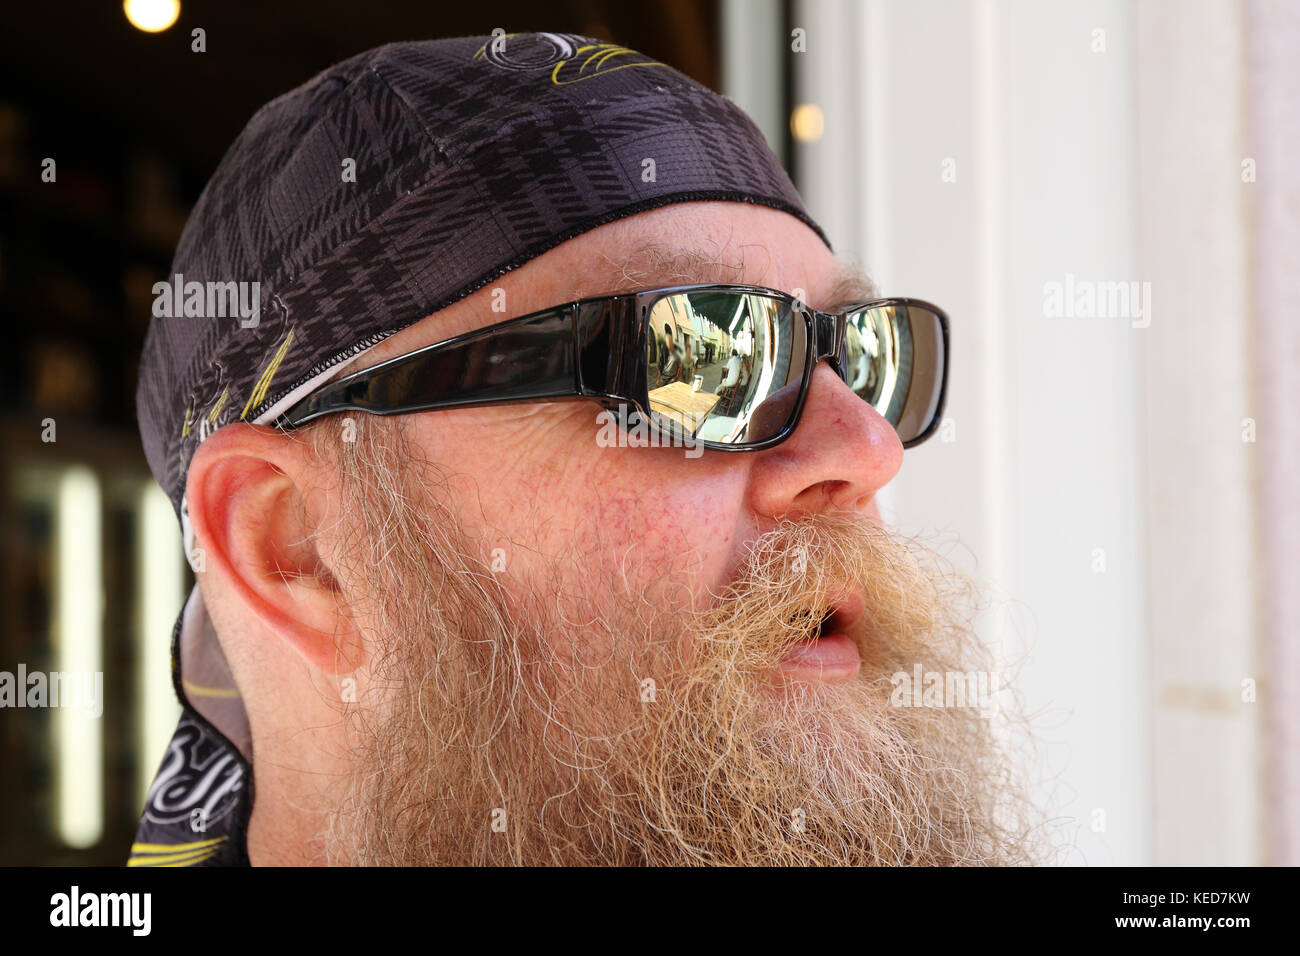 Mann mit langem Bart und Sonnenbrille , lächelt, Portrait - Stock Image